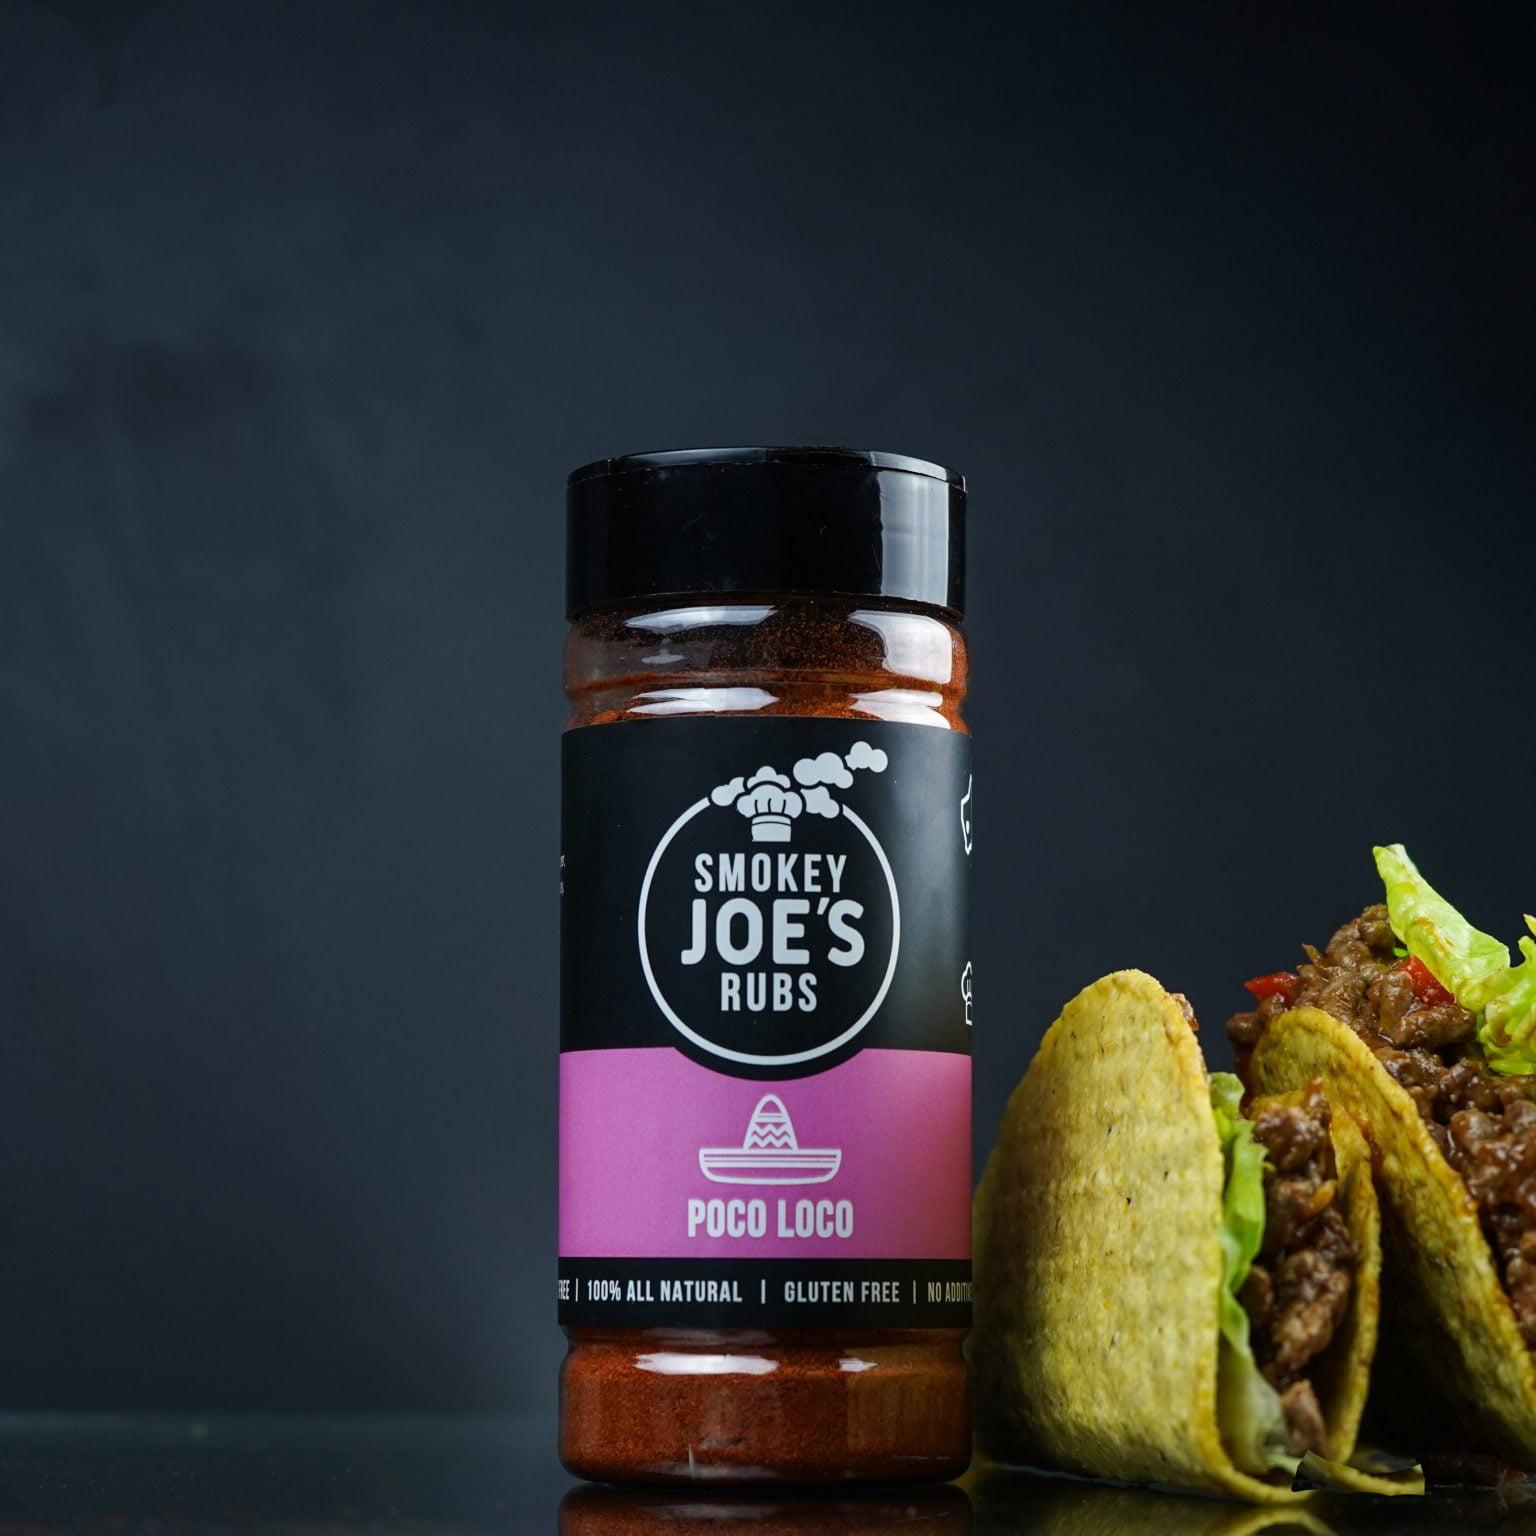 Smokey Joes Poco Loco Rub